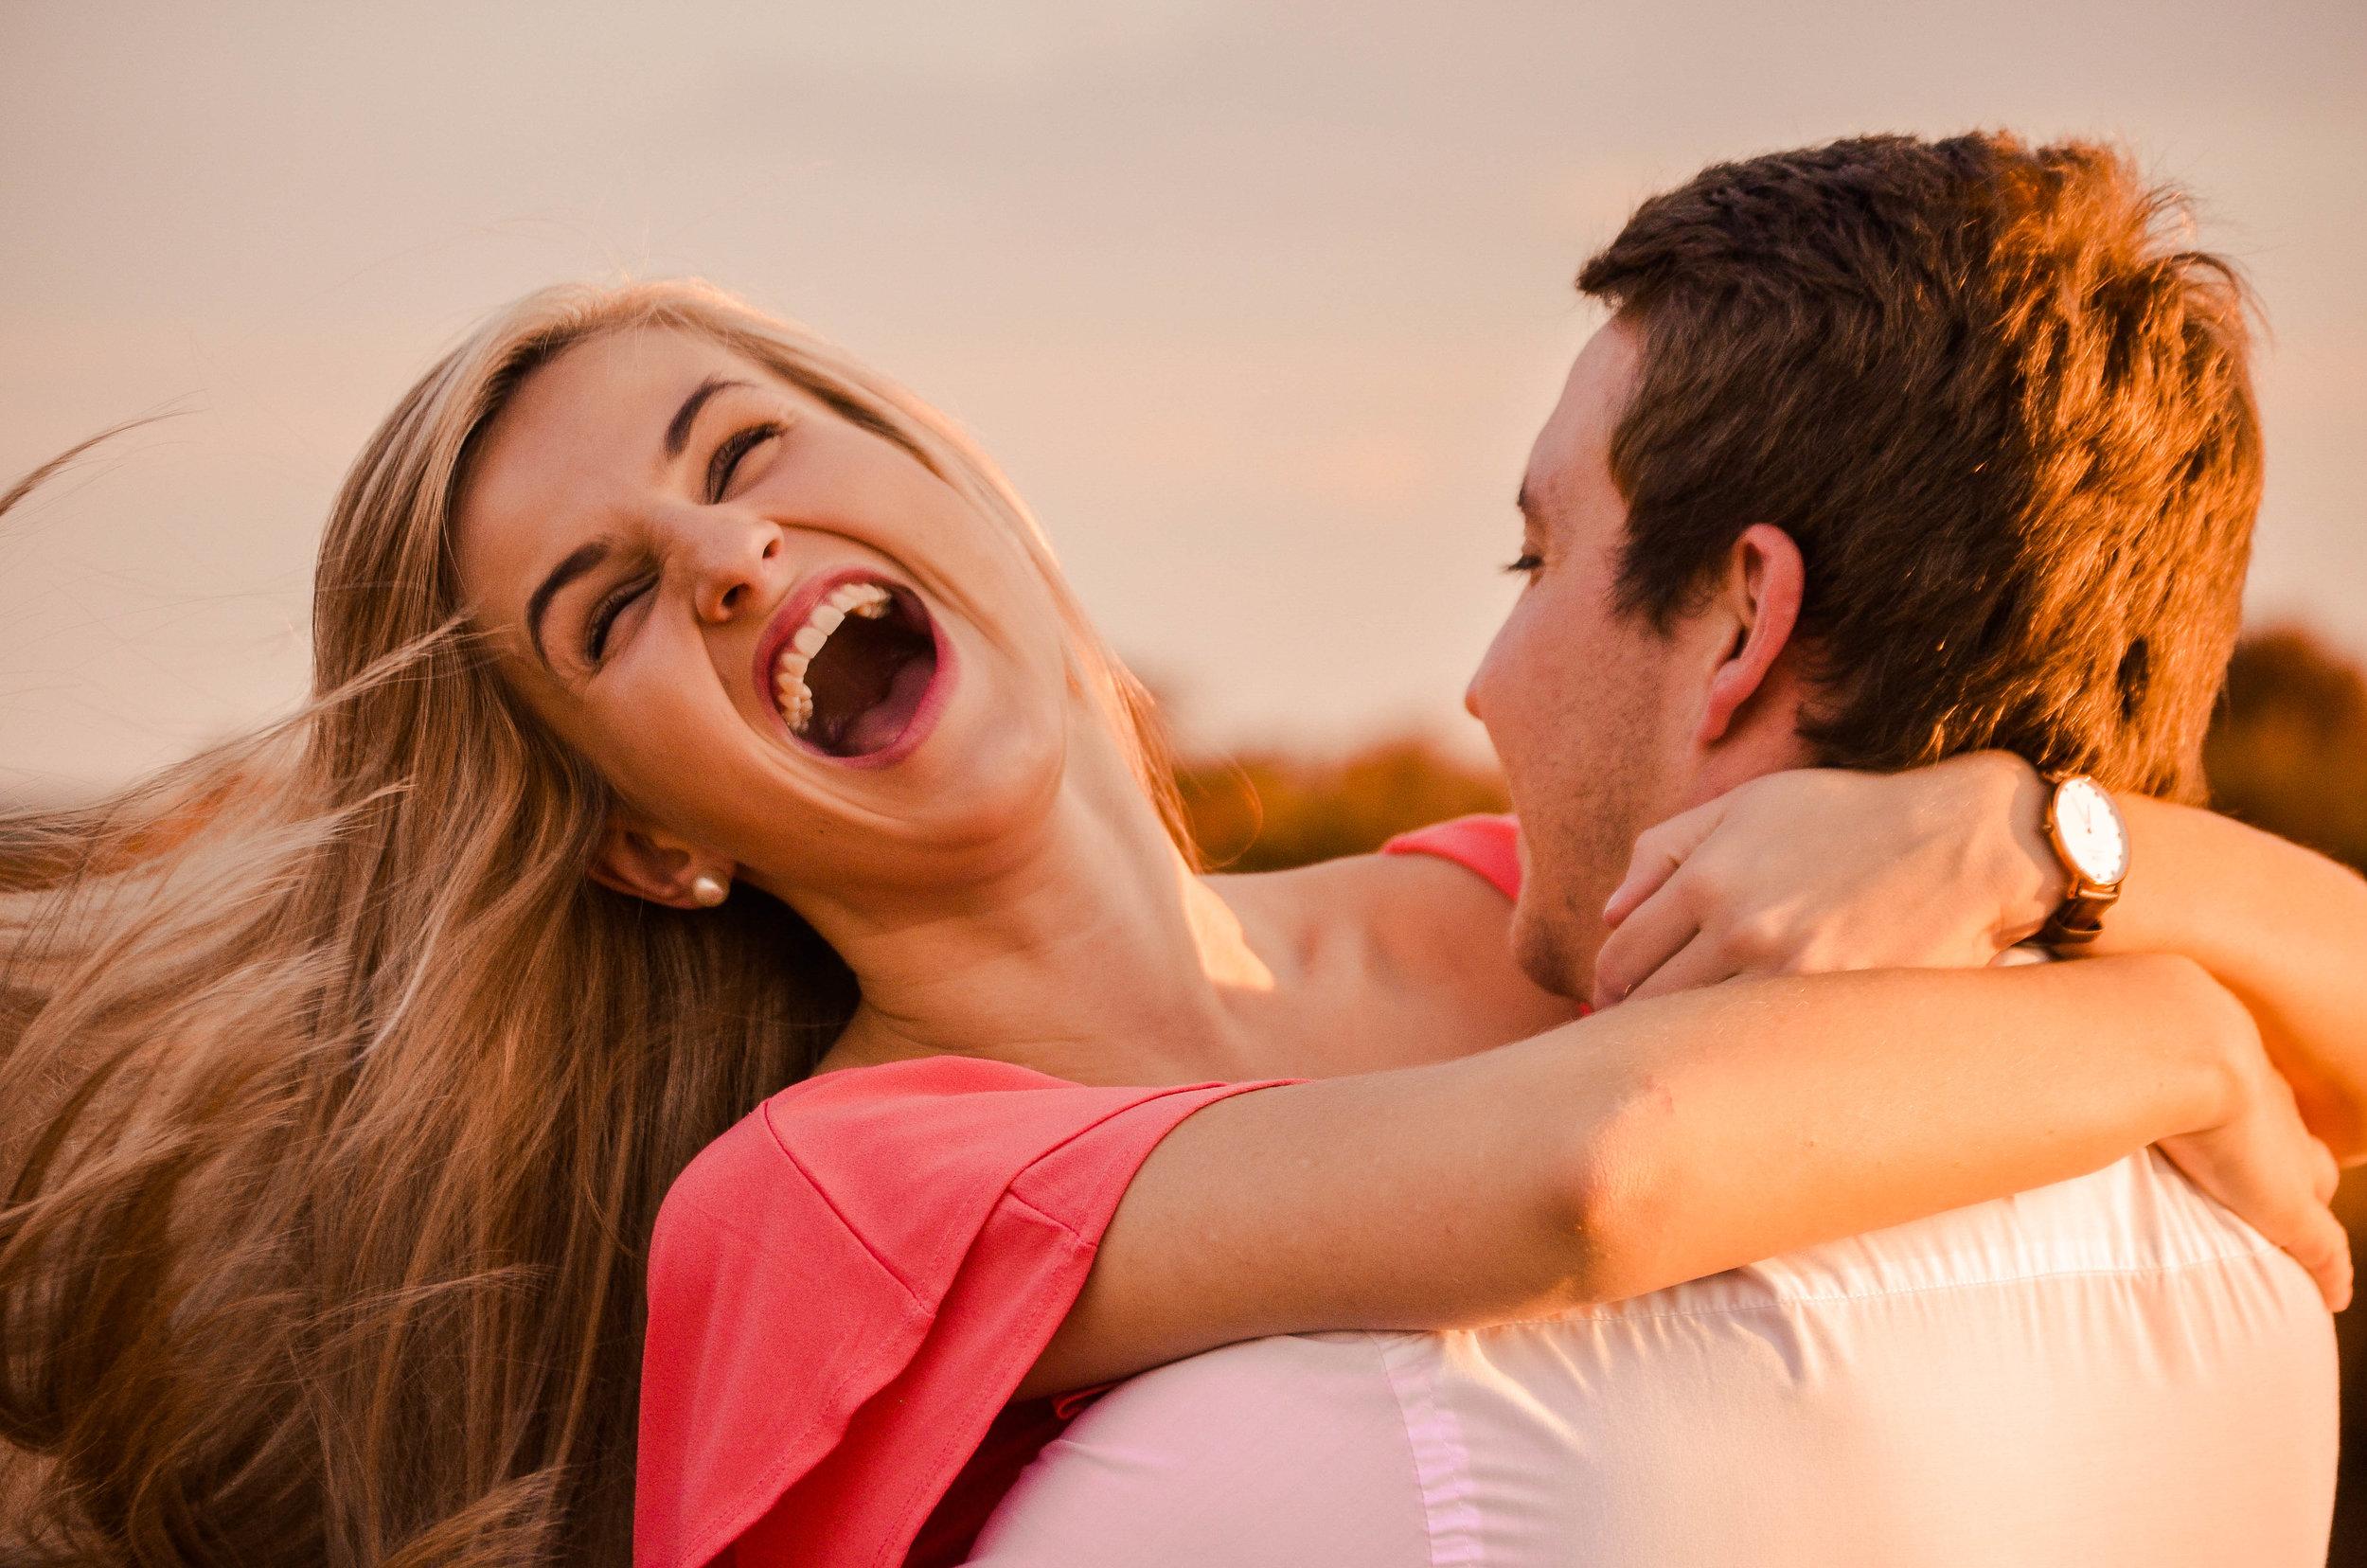 برامج الأزواج وشهر العسل - ثقمنلتاثشقعهلمثقشصهلصثهقلهصثيللاصثيقلثقصيثبصثبصثبلثصبلثص